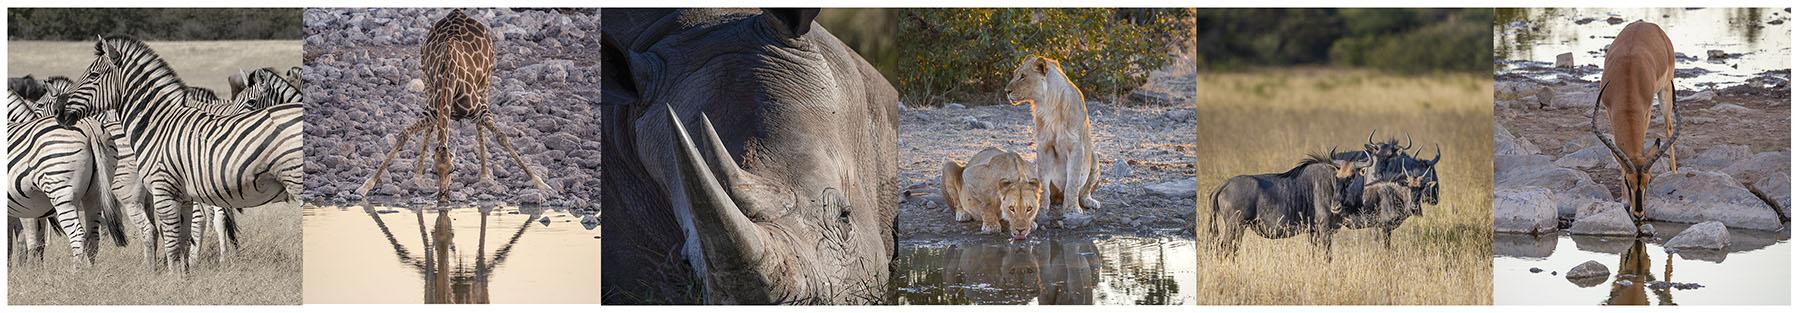 Namibia photo wildlife